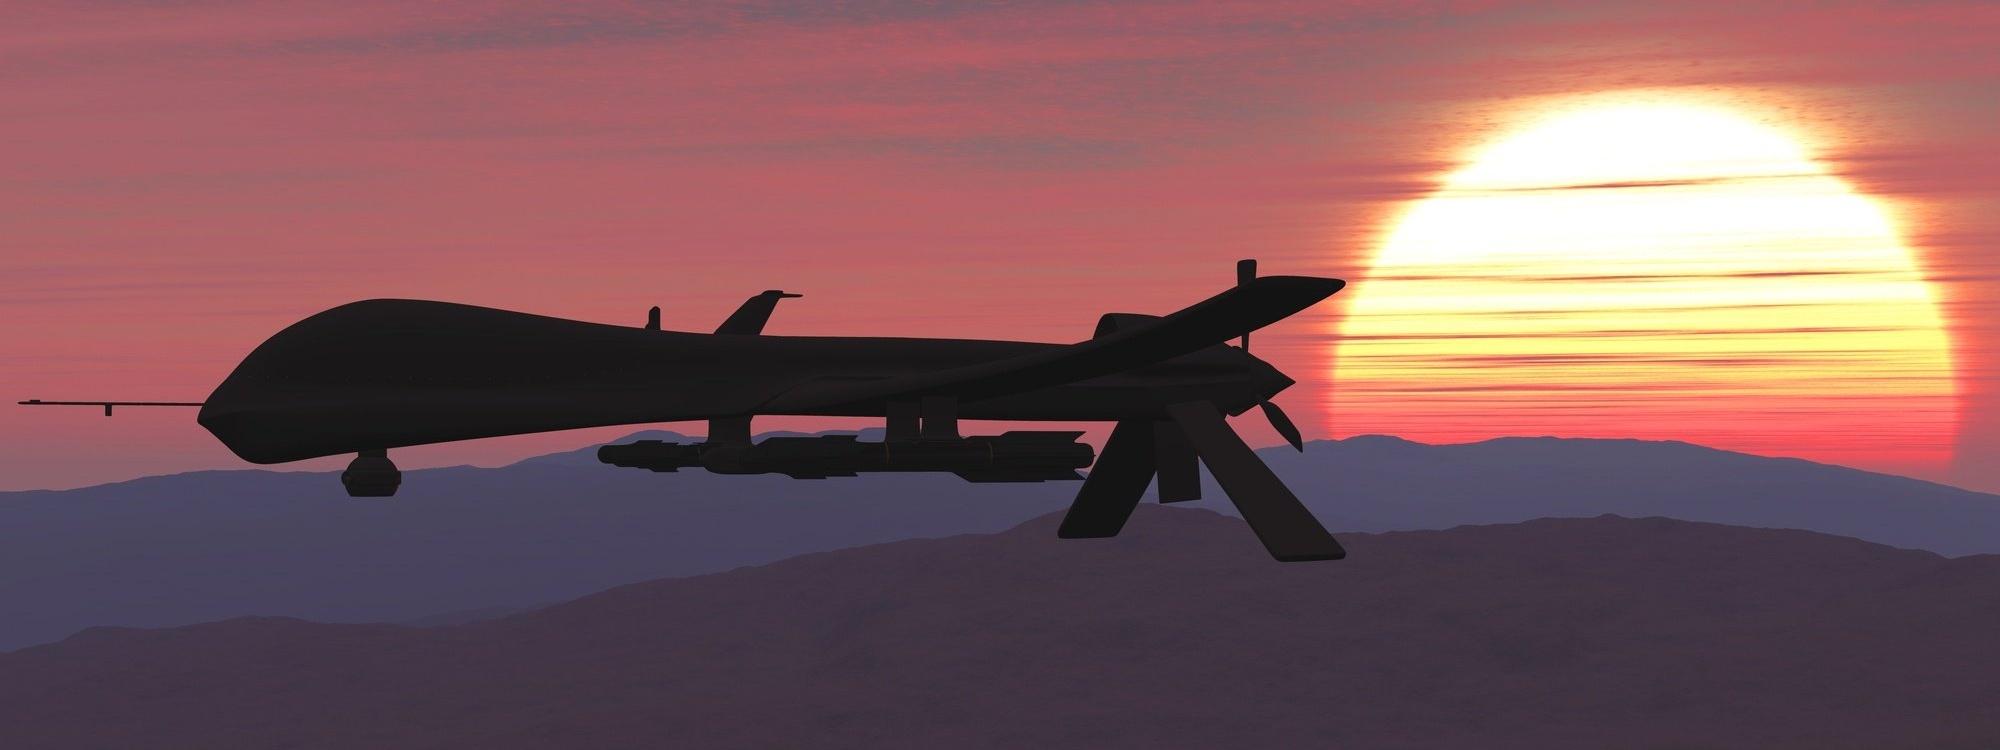 GA drone-2000x750